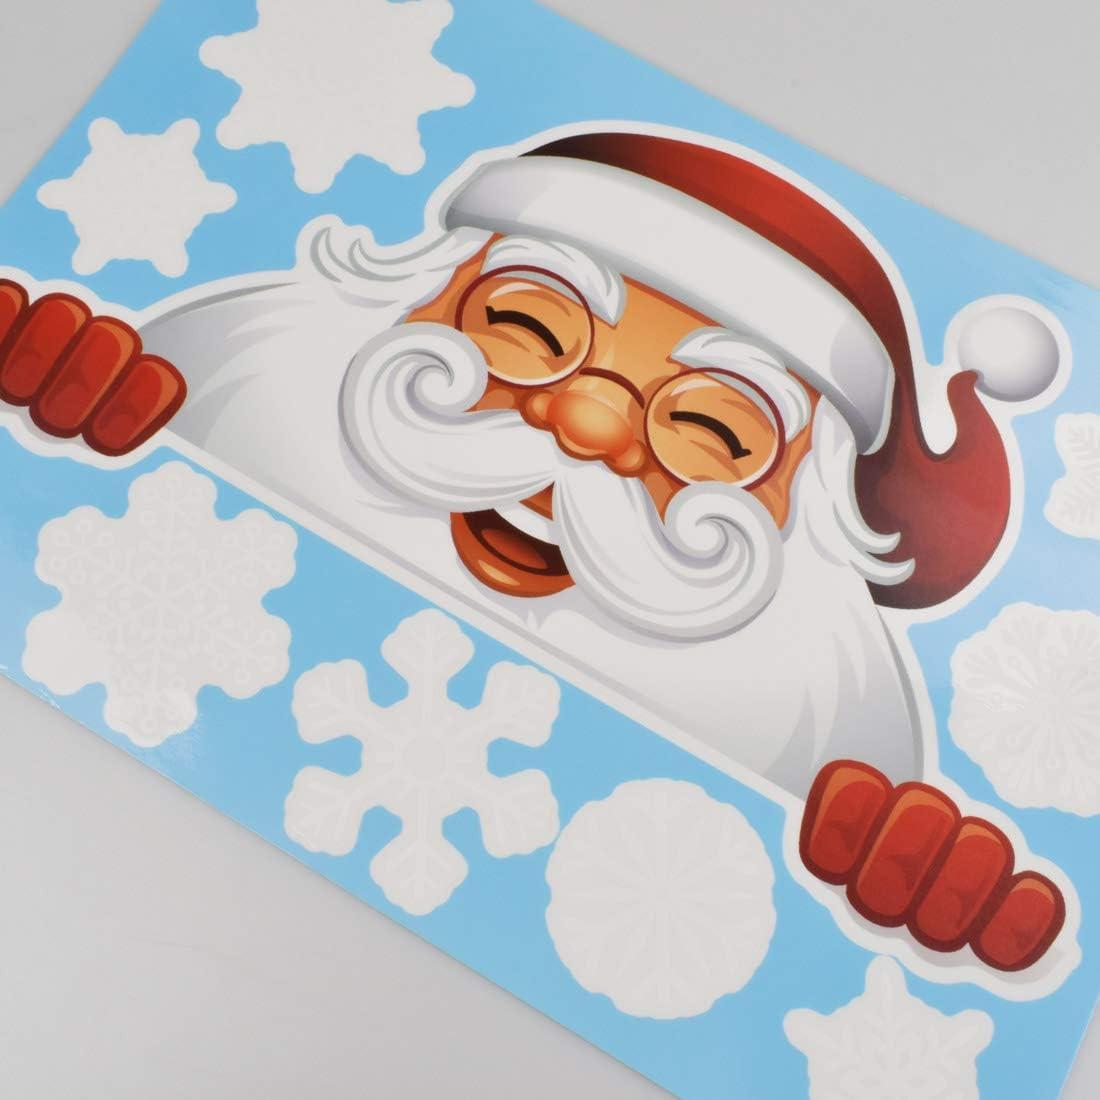 heekpek No/ëL Autocollants Fenetre No/ëL Stickers D/écoration avec Mignon Elan et P/ère No/ël Autocollant Flocon DIY Fen/êtres Stickers Autocollant Recyclable et Enlev/é Autocollants de Fen/être